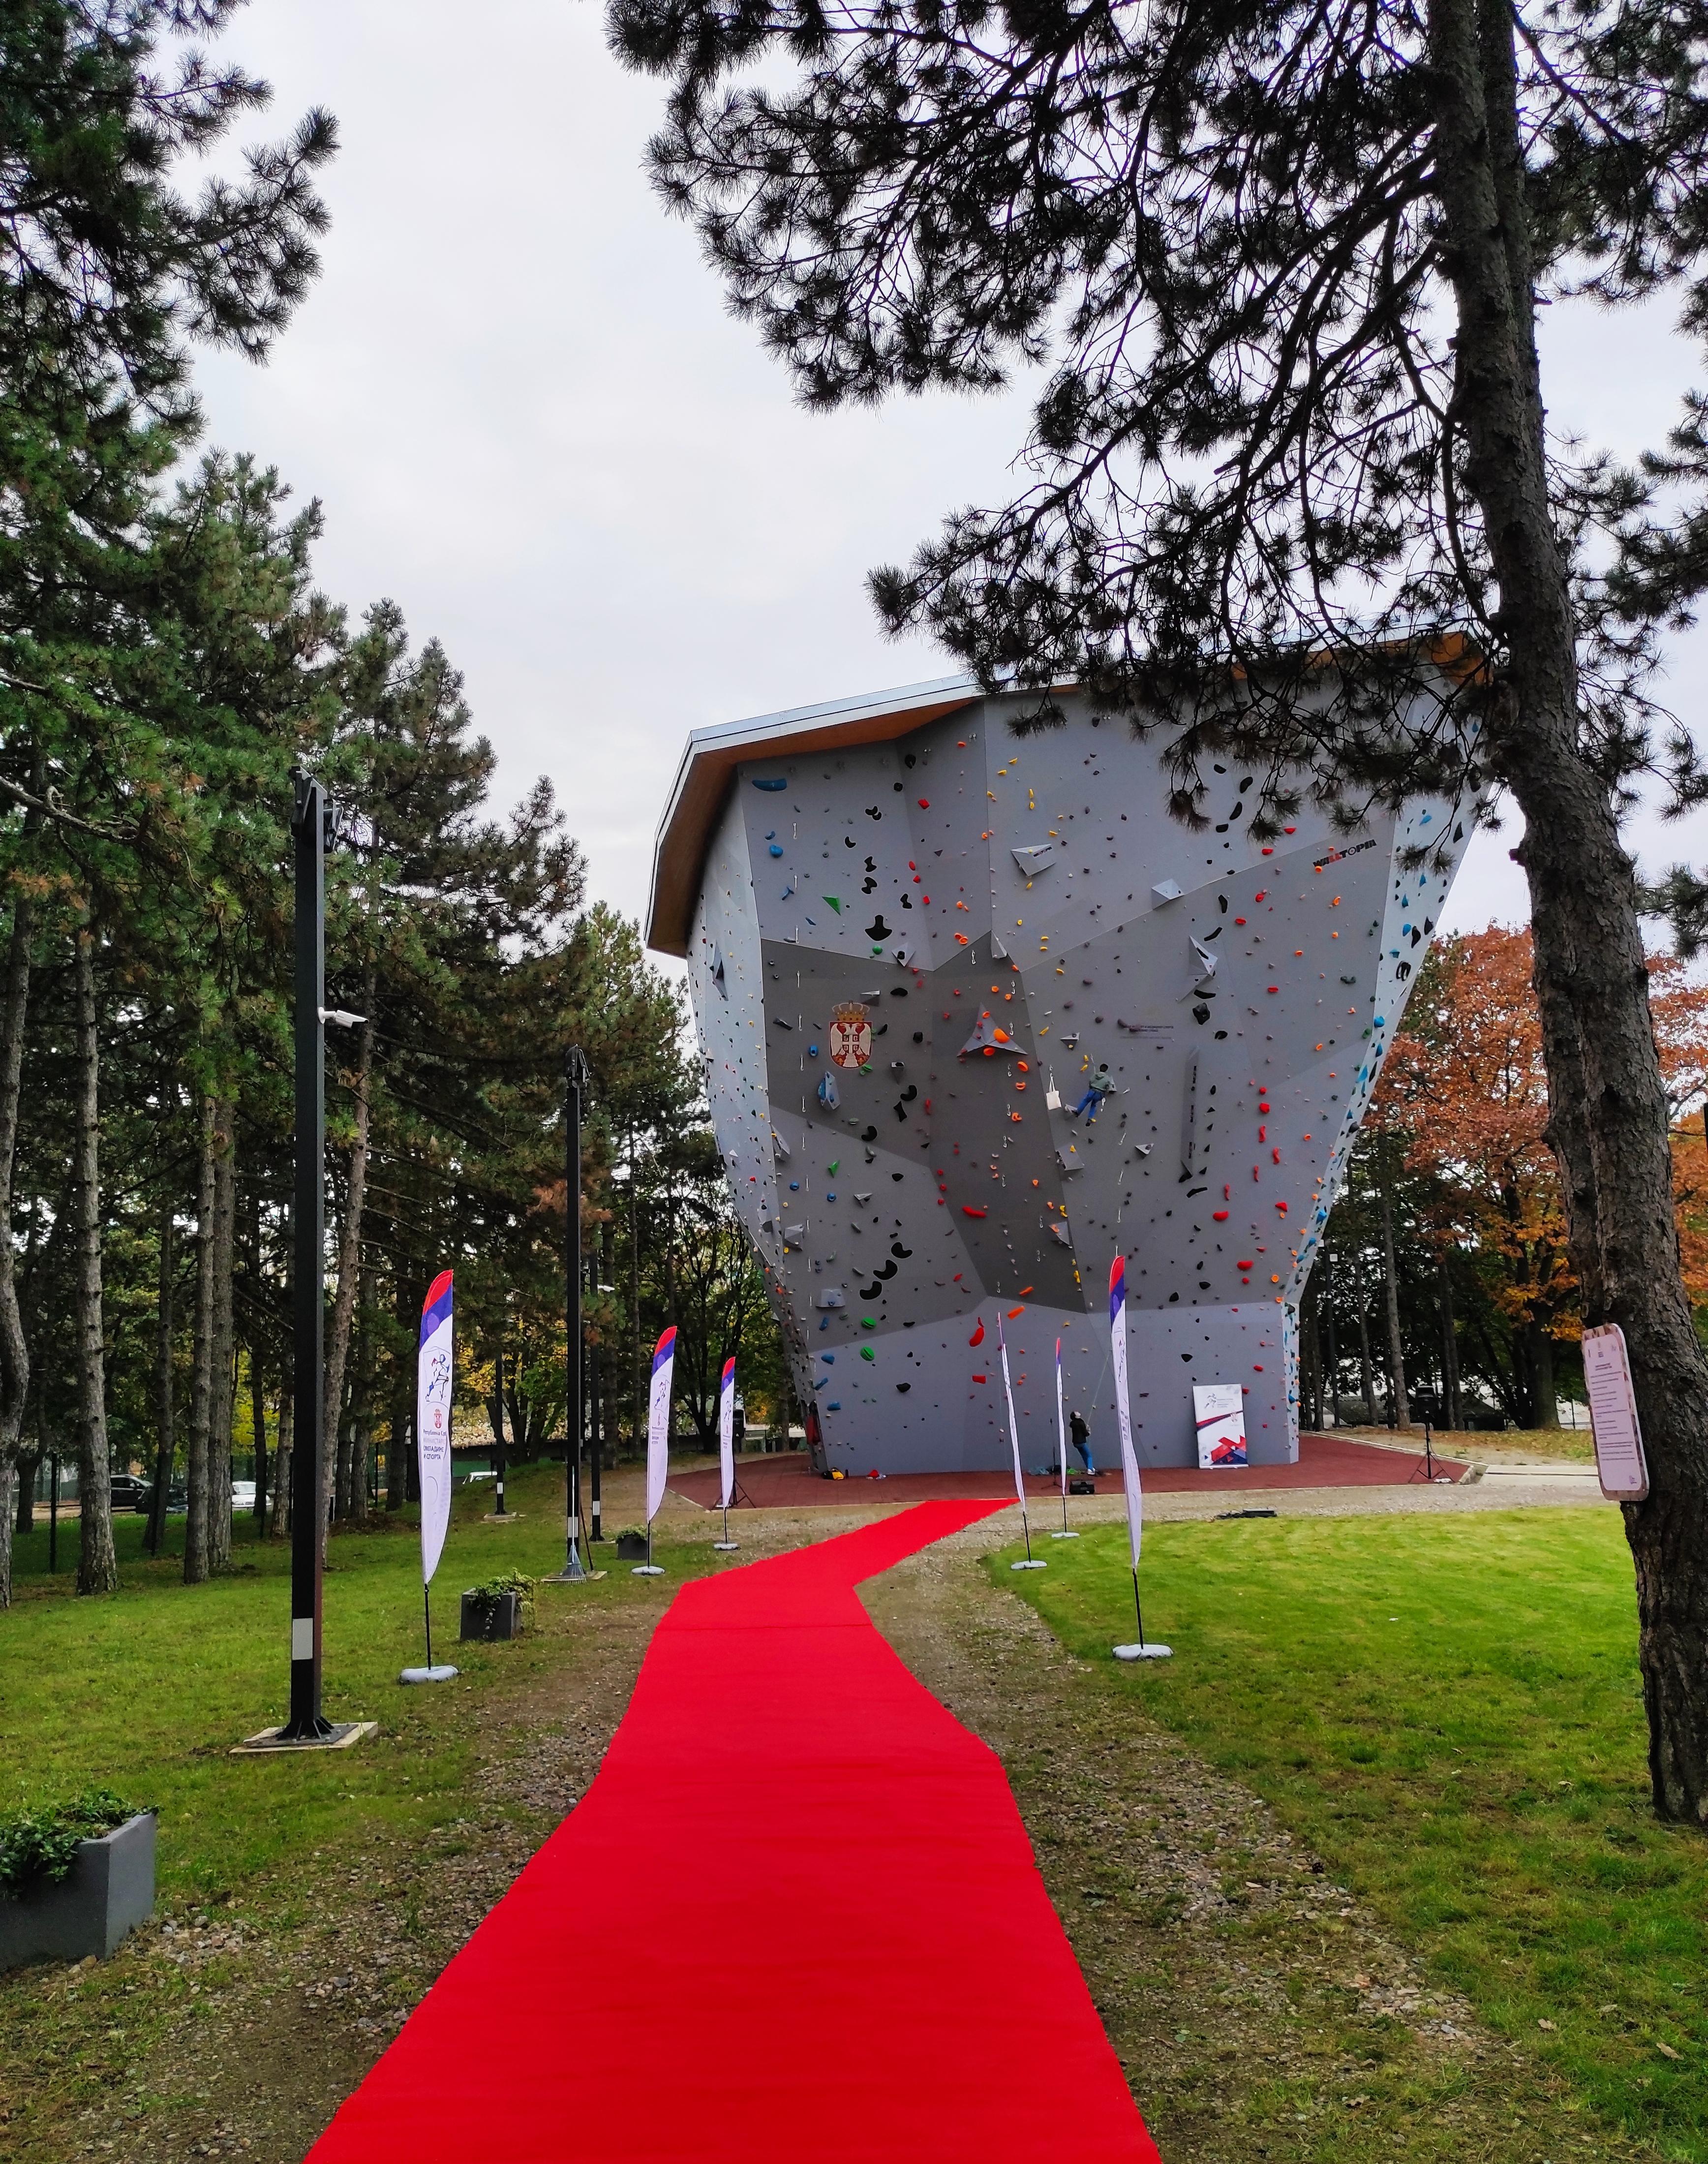 Још једно место за врхунски и рекреативни спорт у Србији - Новоотворени комплекс вештачких стена на Кошутњаку јединствен у овом делу Европе